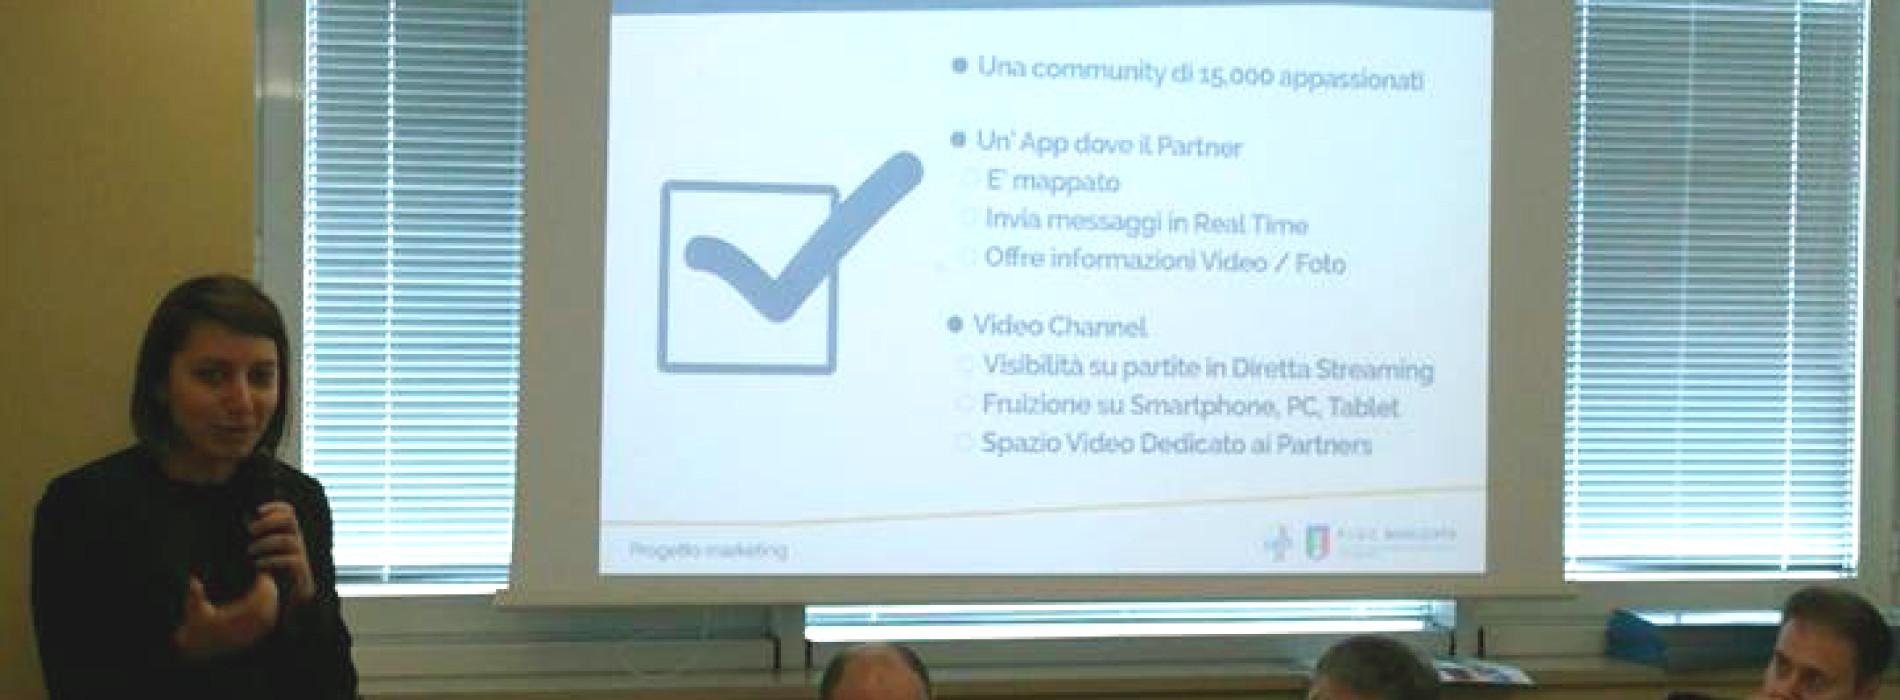 Presentazione del progetto marketing agli imprenditori